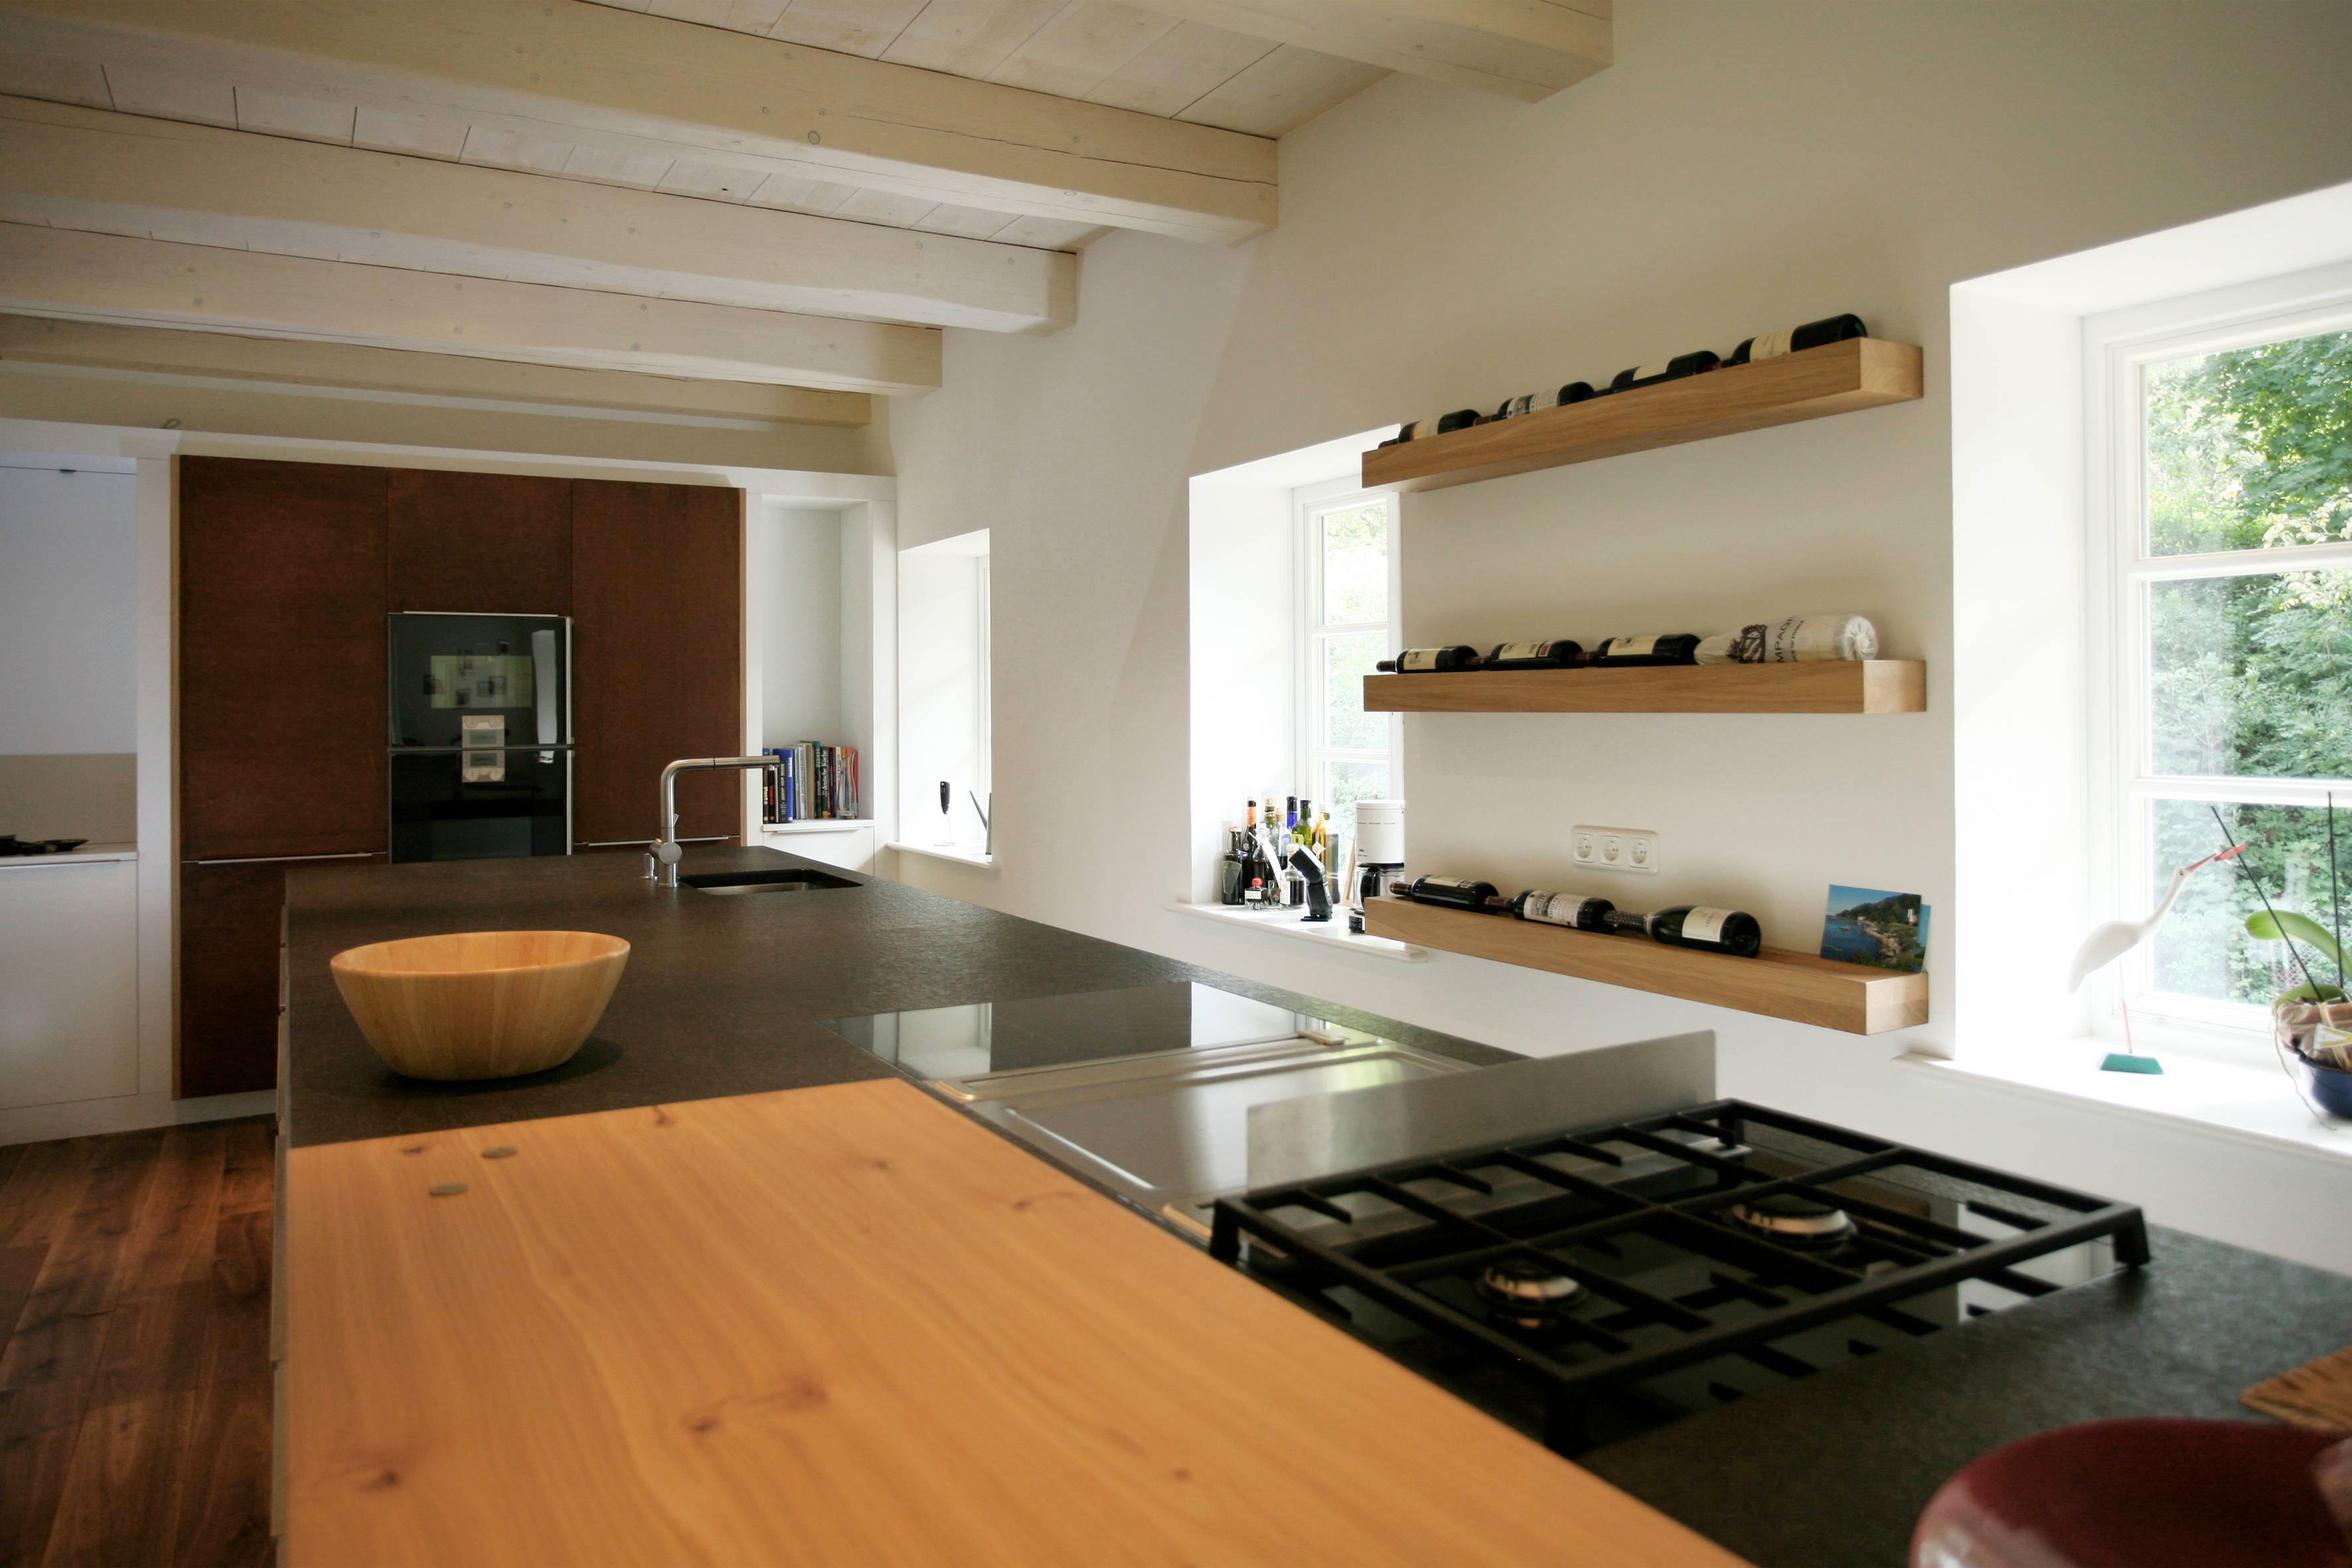 wandregal ? bilder & ideen ? couchstyle - Wandregale Für Küche